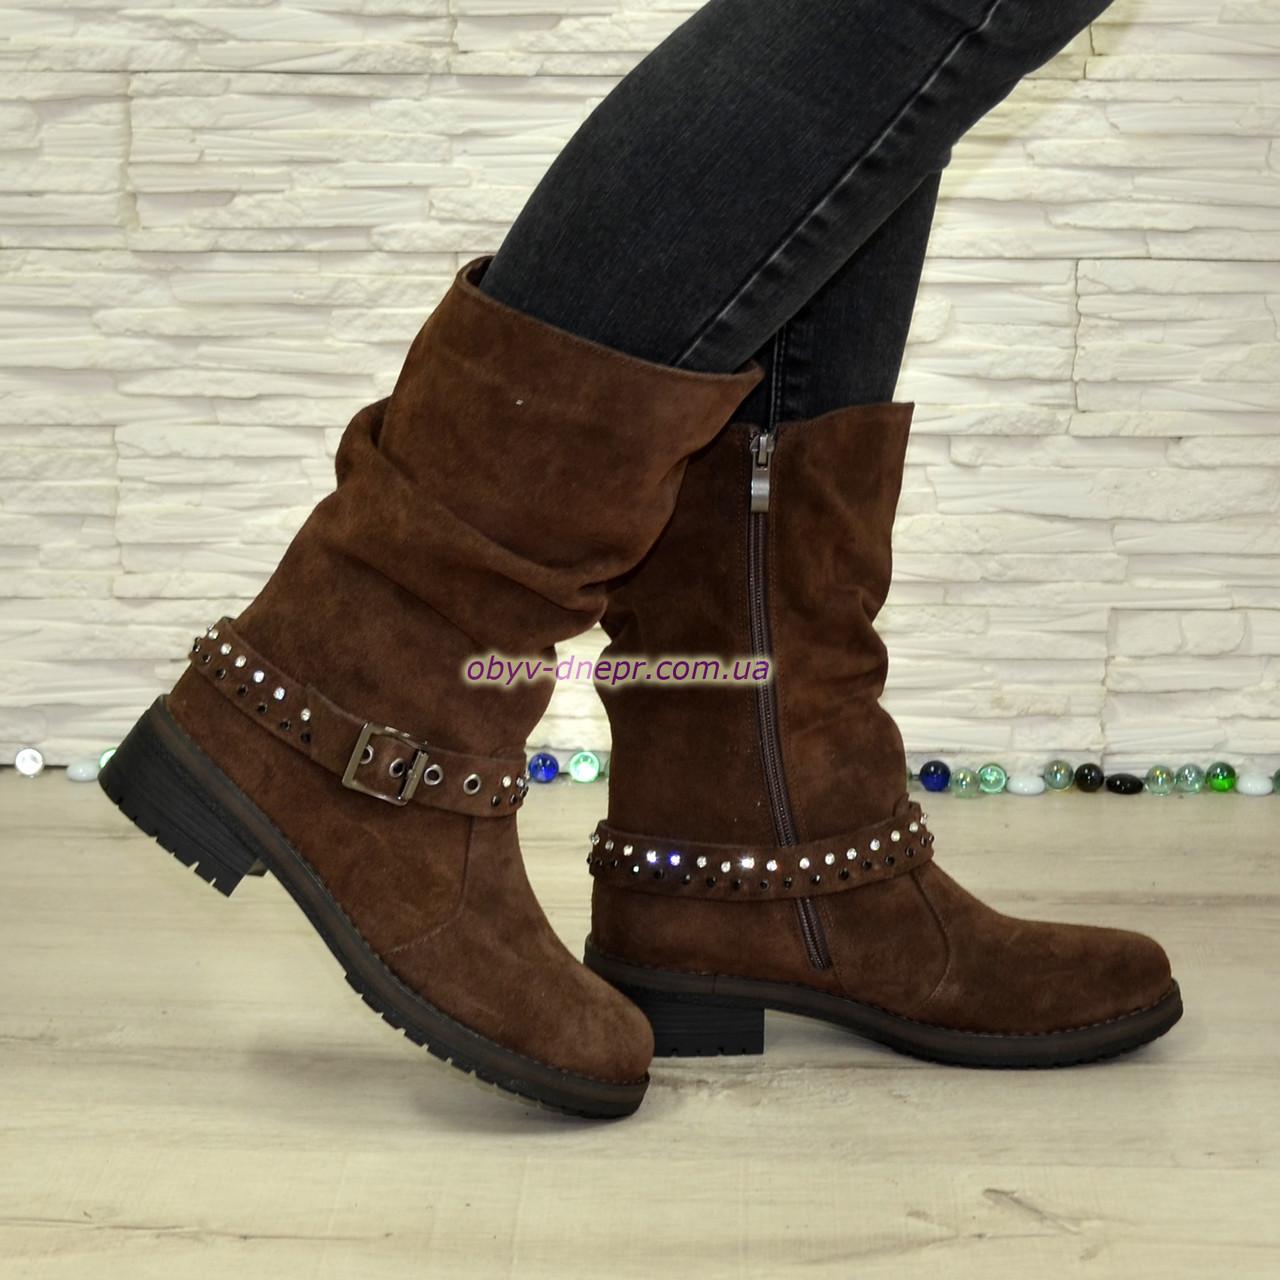 Замшеві черевики жіночі демісезонні на маленькому підборах, декоровані ремінцем